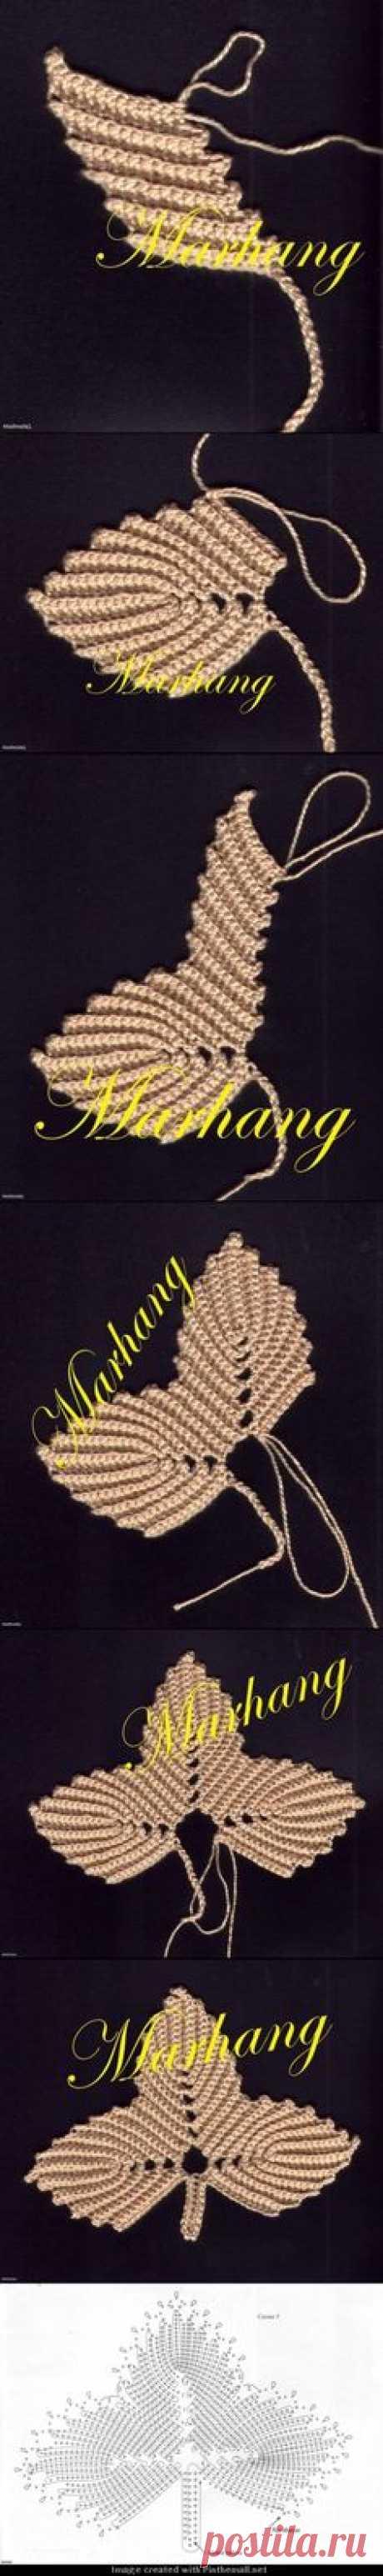 (34) tejidos artesanales en crochet: manta con tiras en zig zag tejida en crochet § schema chiarissimo § | plantillas crochet